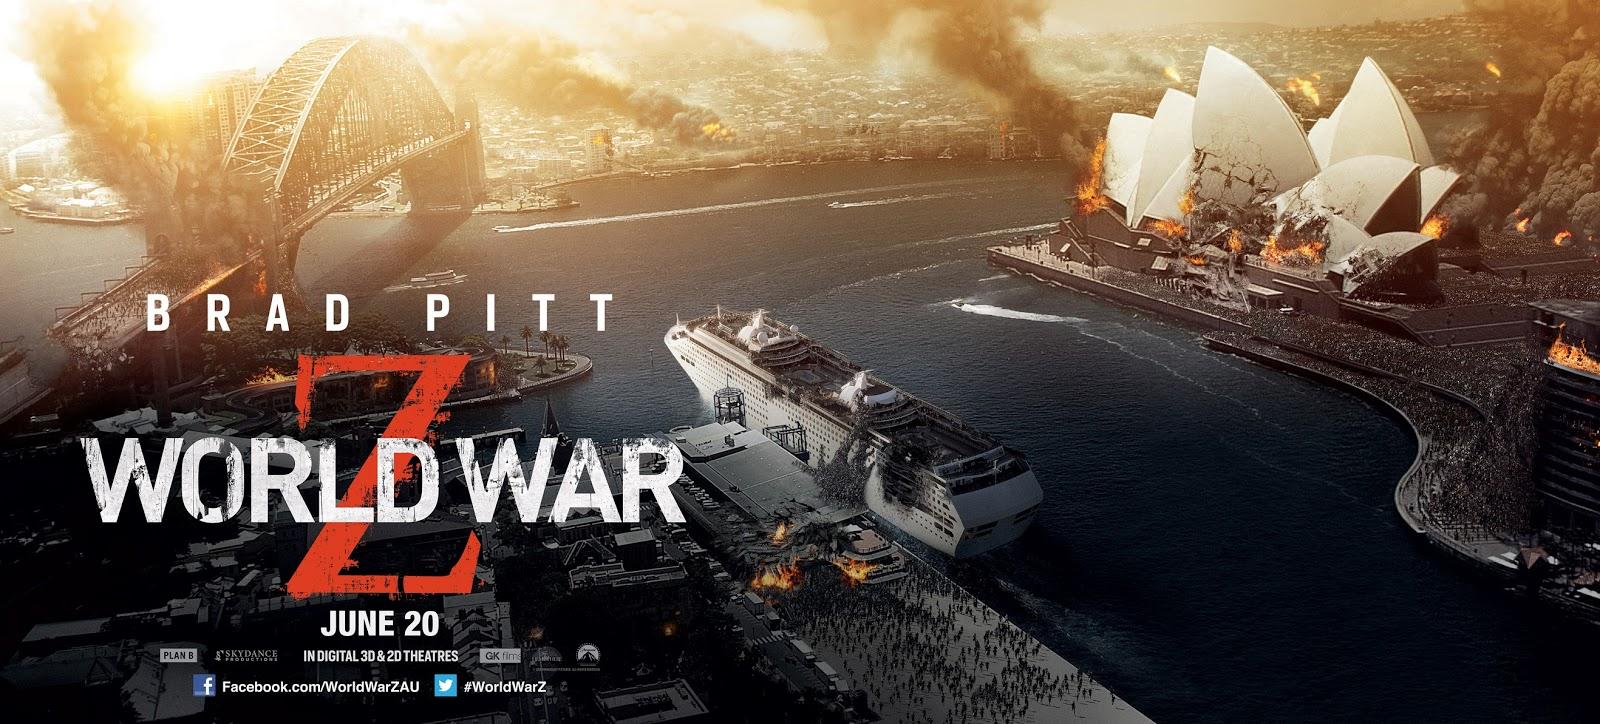 Josie's Juice: 'World War Z' - Sydney Destruction